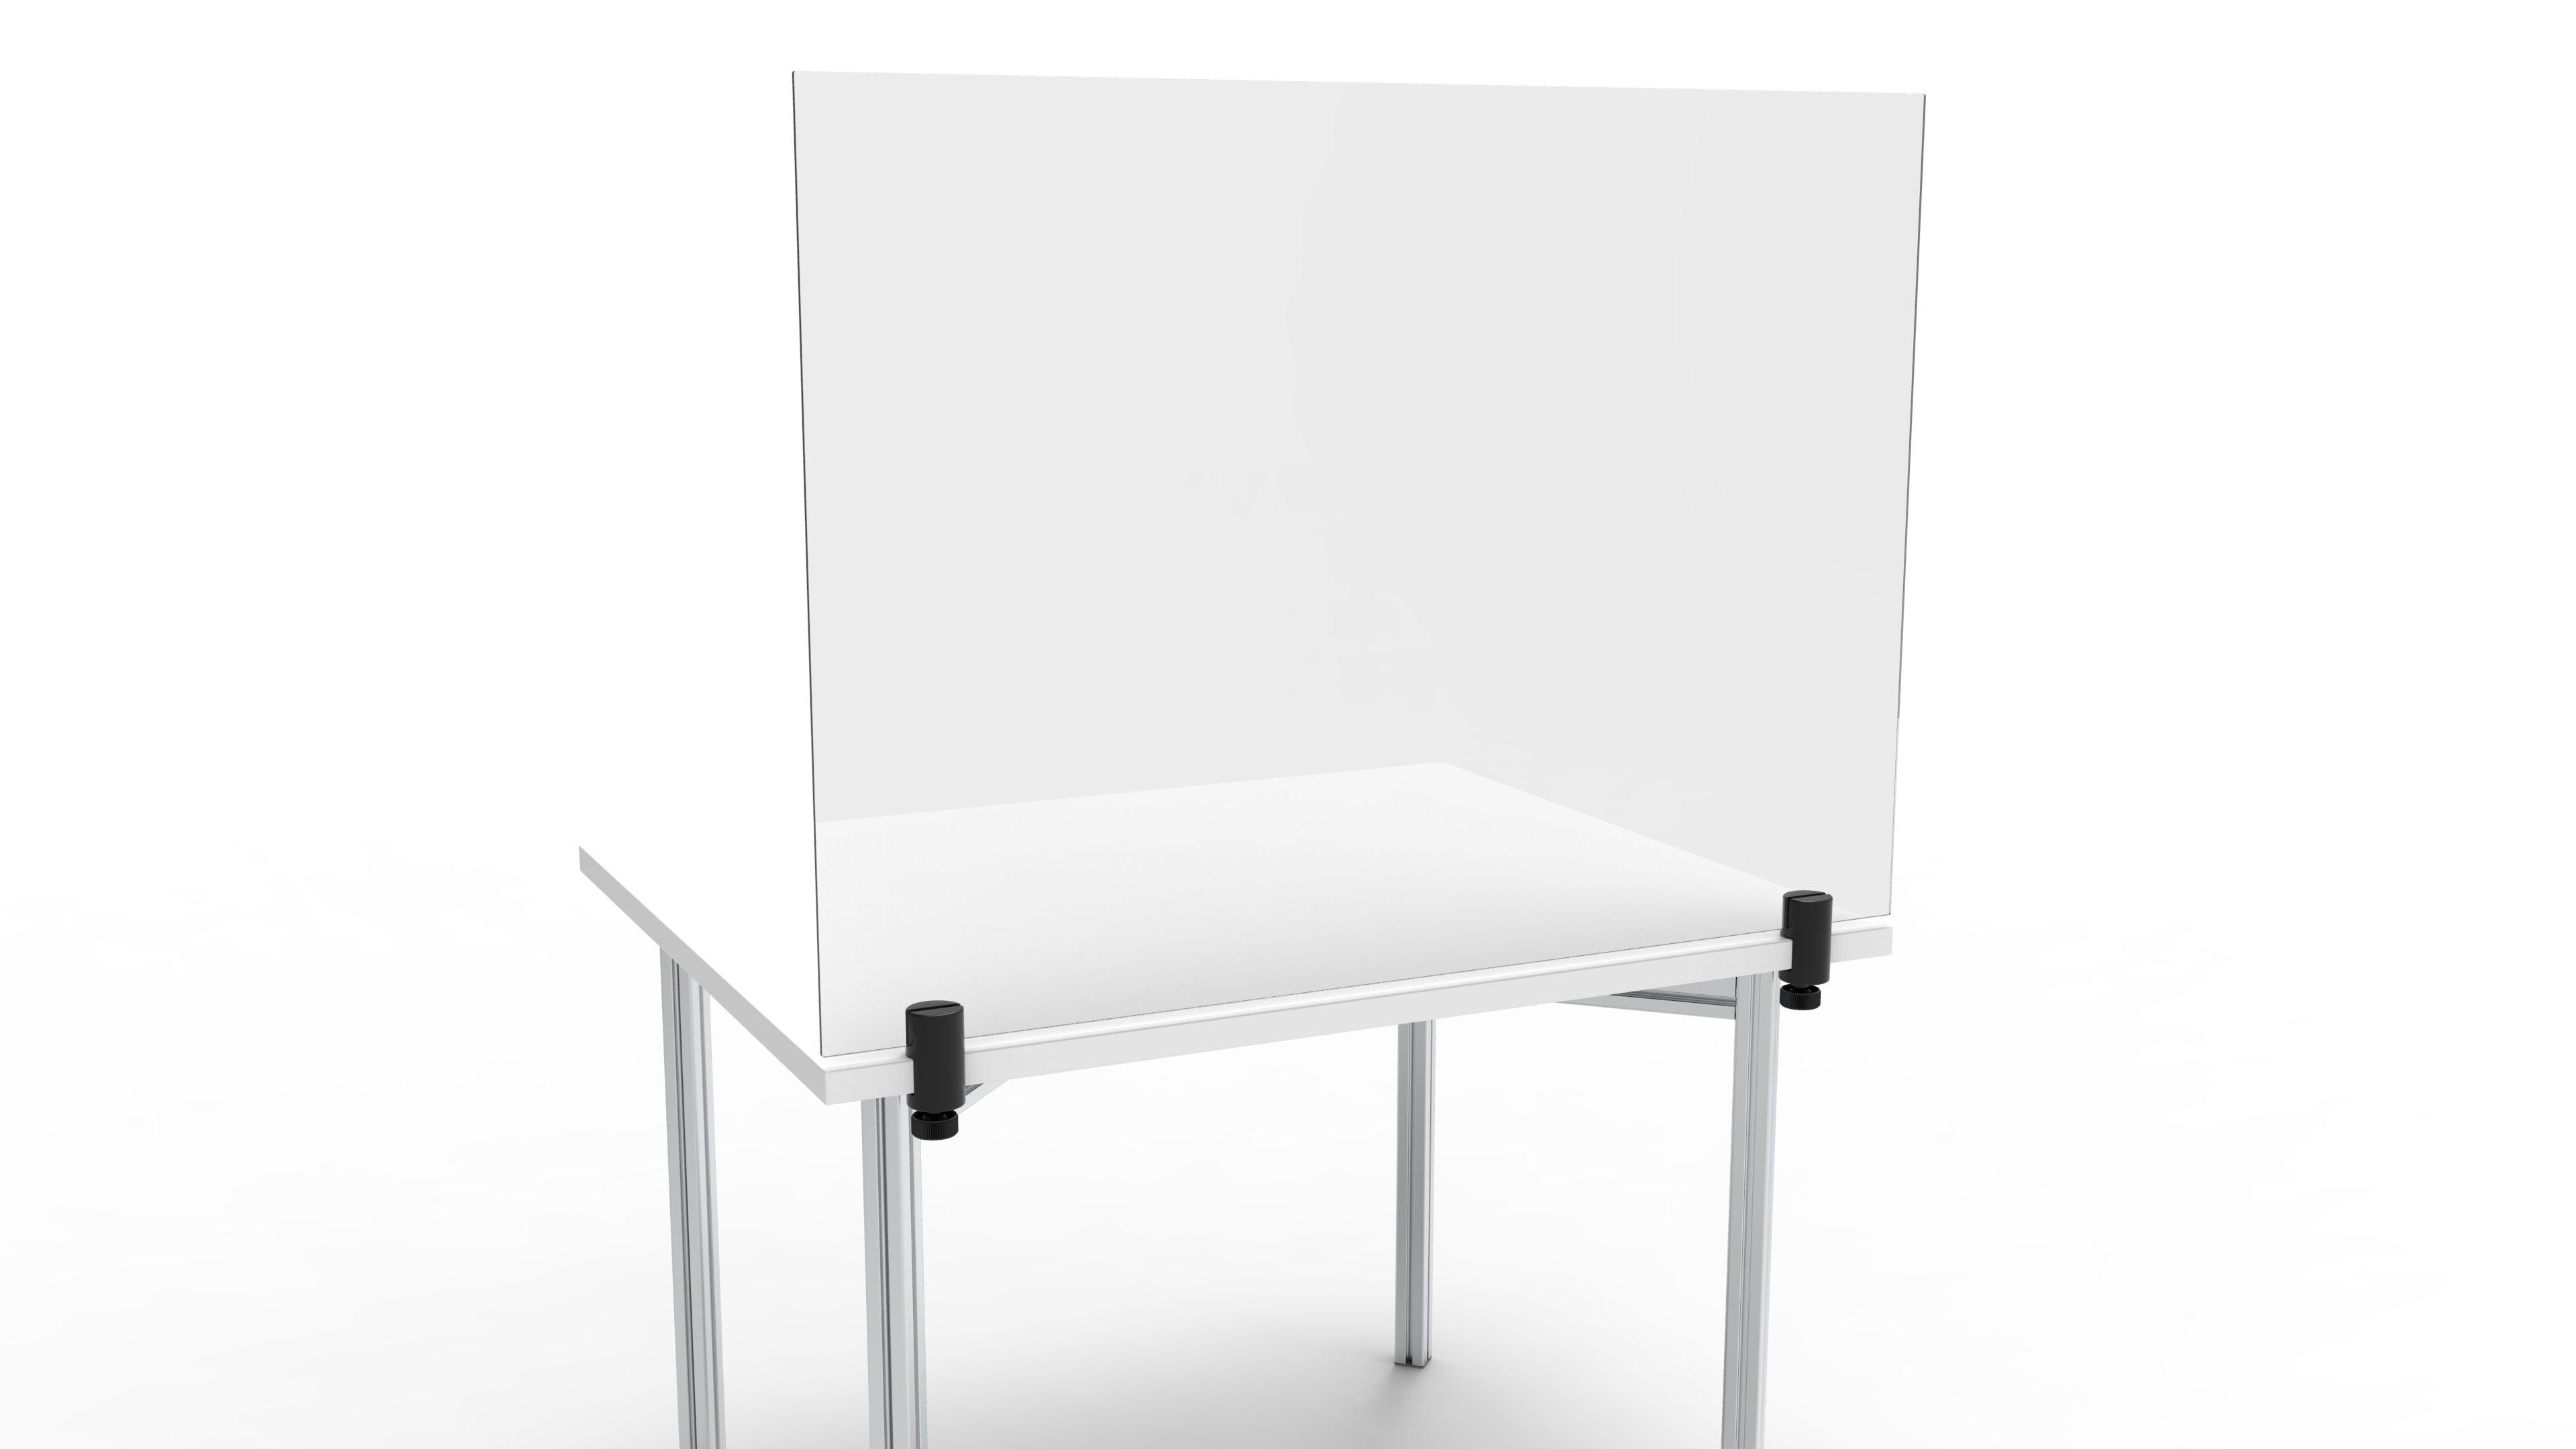 Hygieneschutzwand mit Tischbefestigung